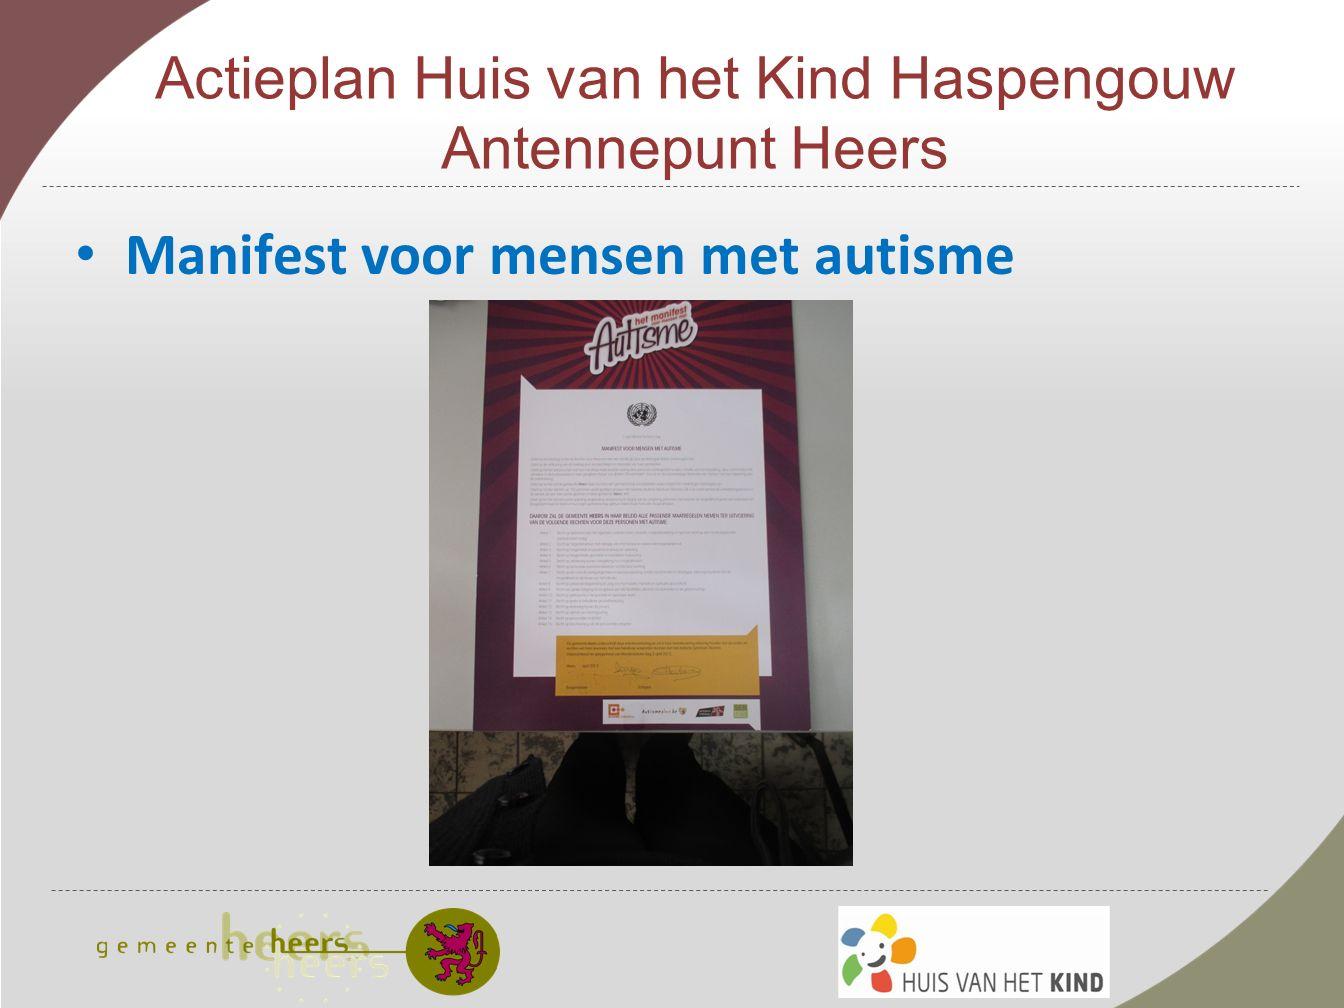 Actieplan Huis van het Kind Haspengouw Antennepunt Heers Manifest voor mensen met autisme